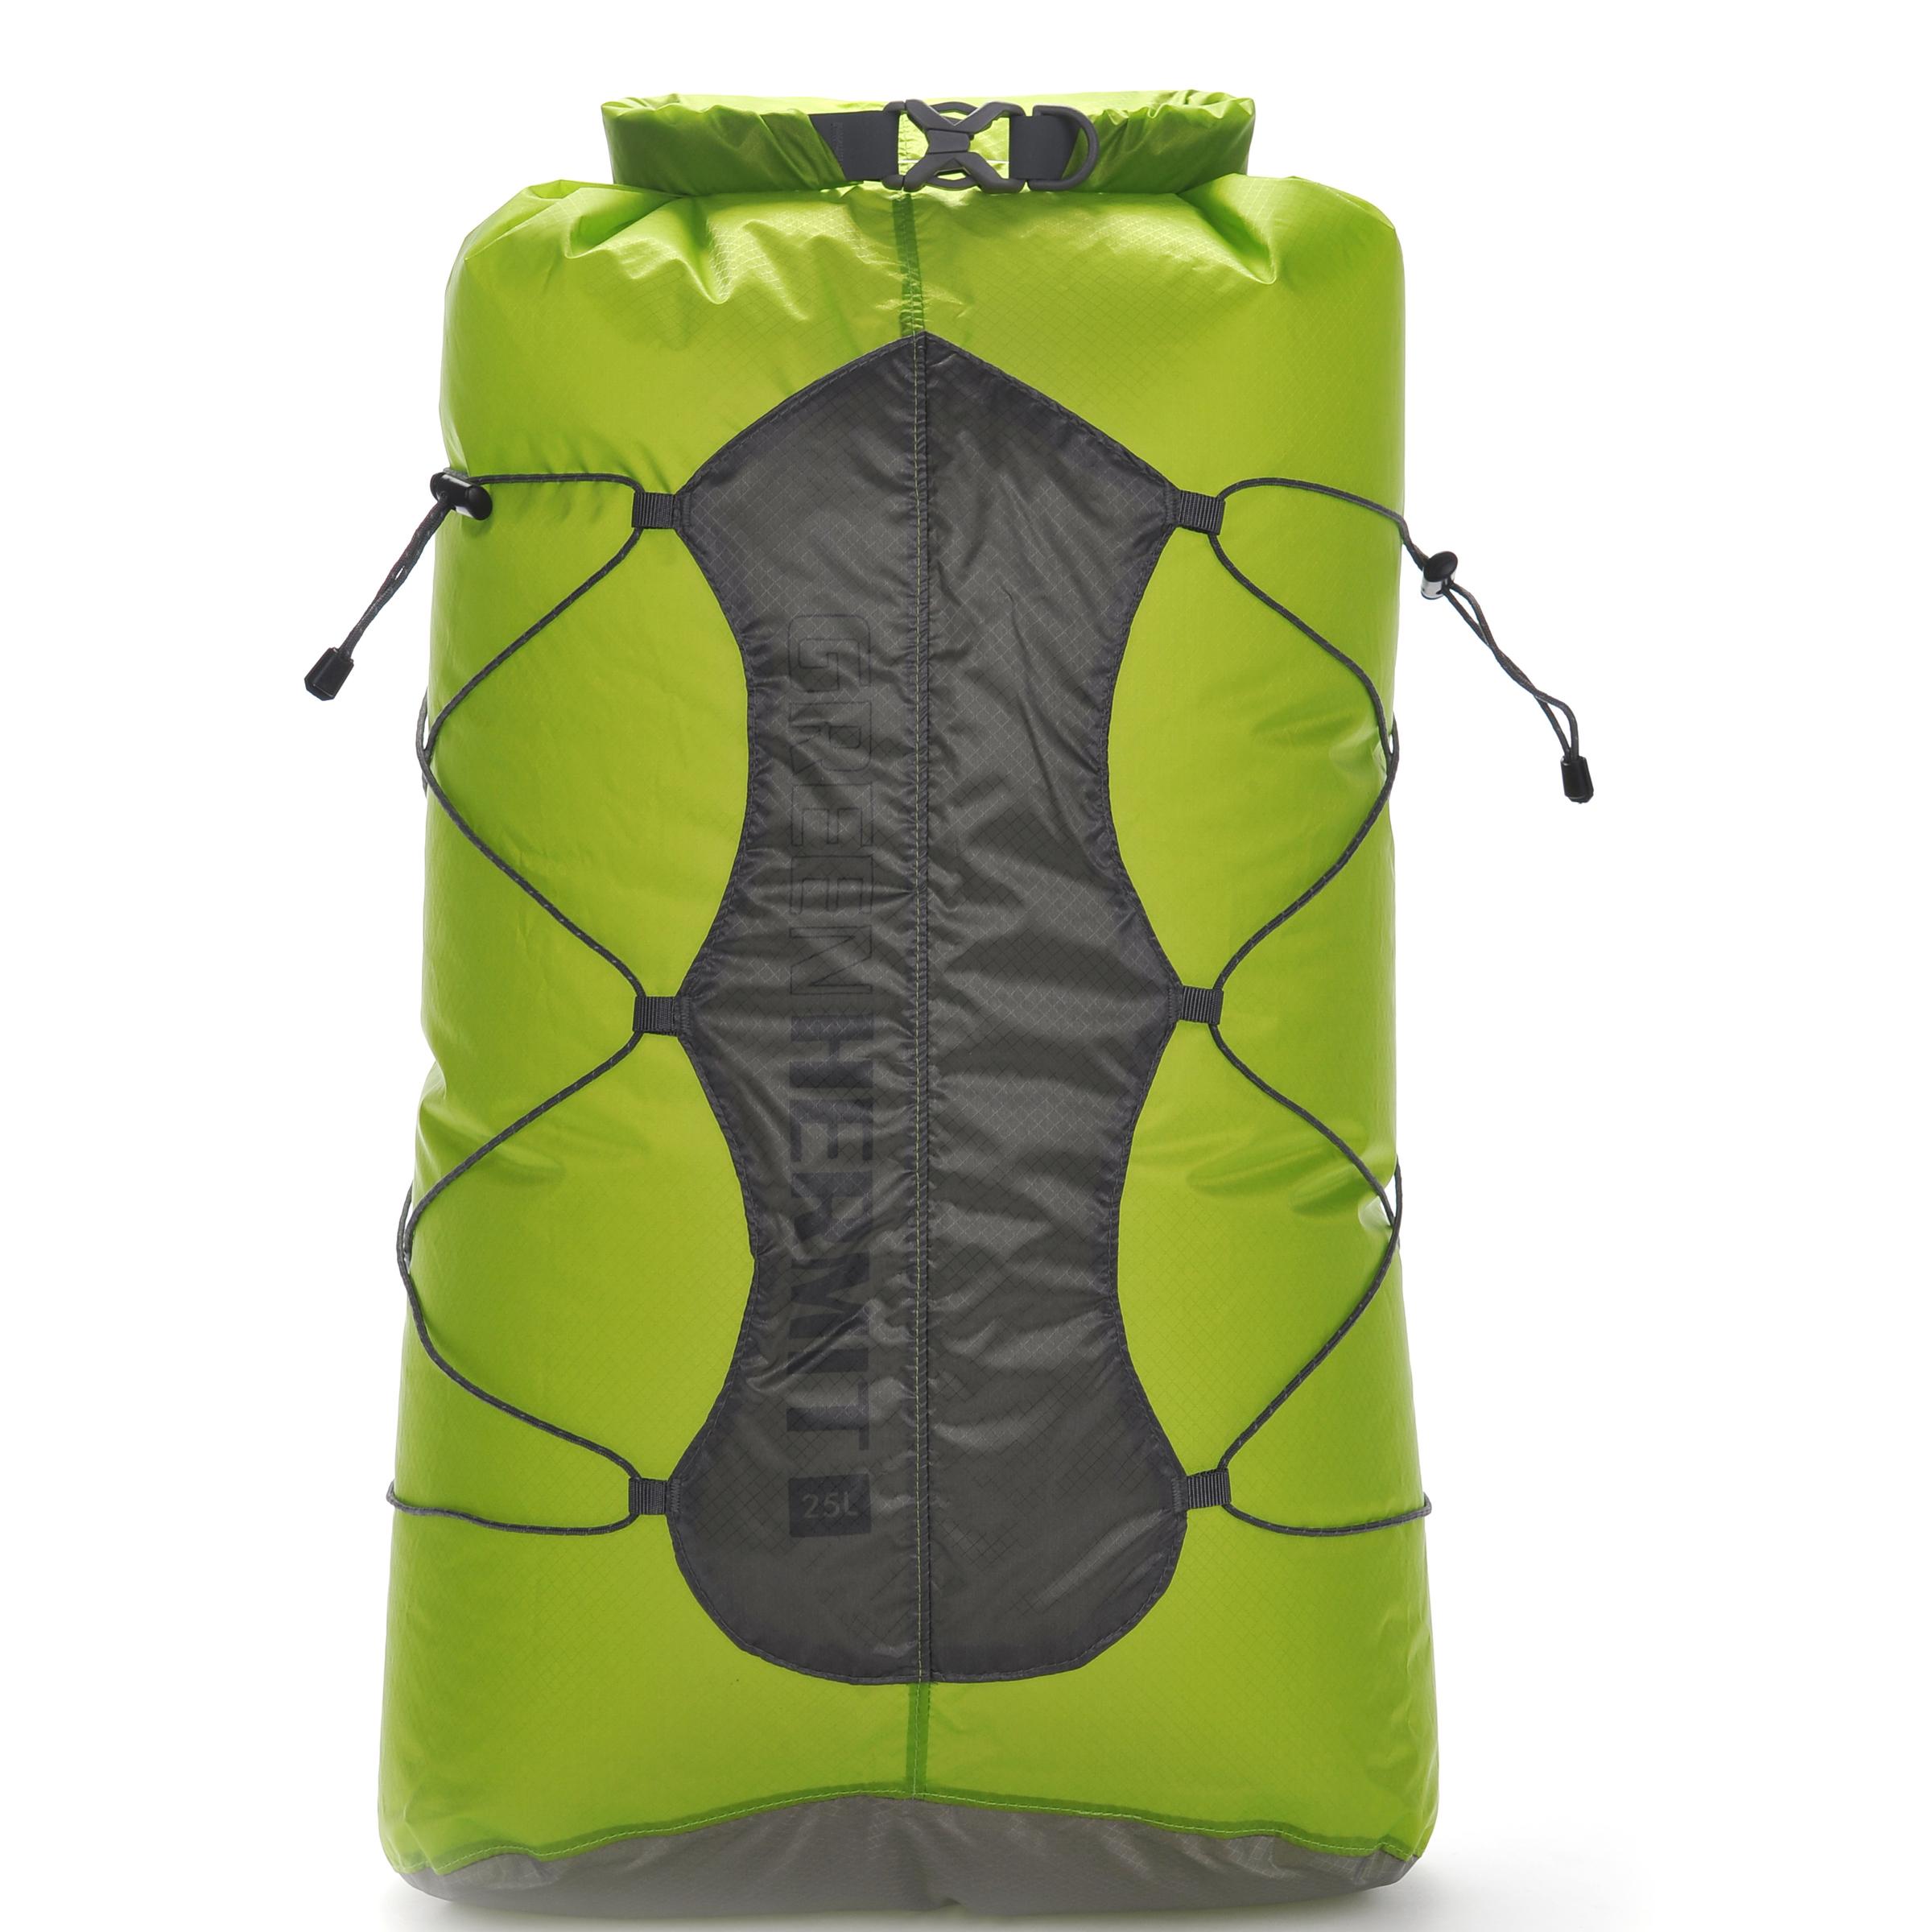 GH.Dry.Pack.Green.25.jpg